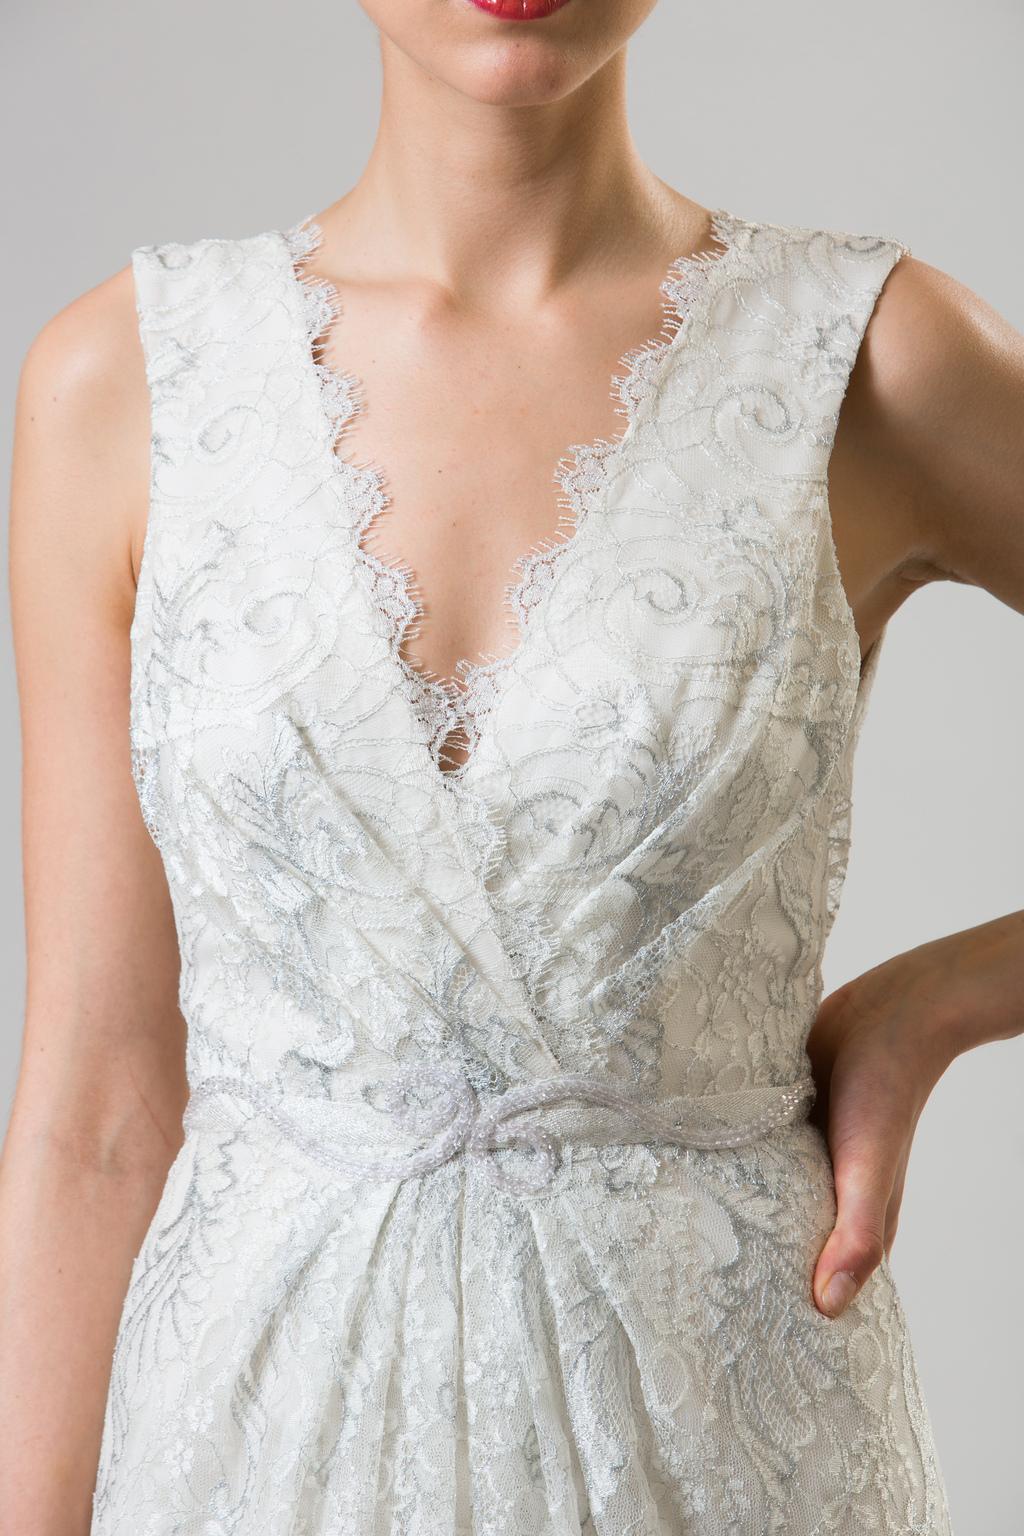 Junko-yoshioka-summer-spring-2014-wedding-dress-frambois_3.full